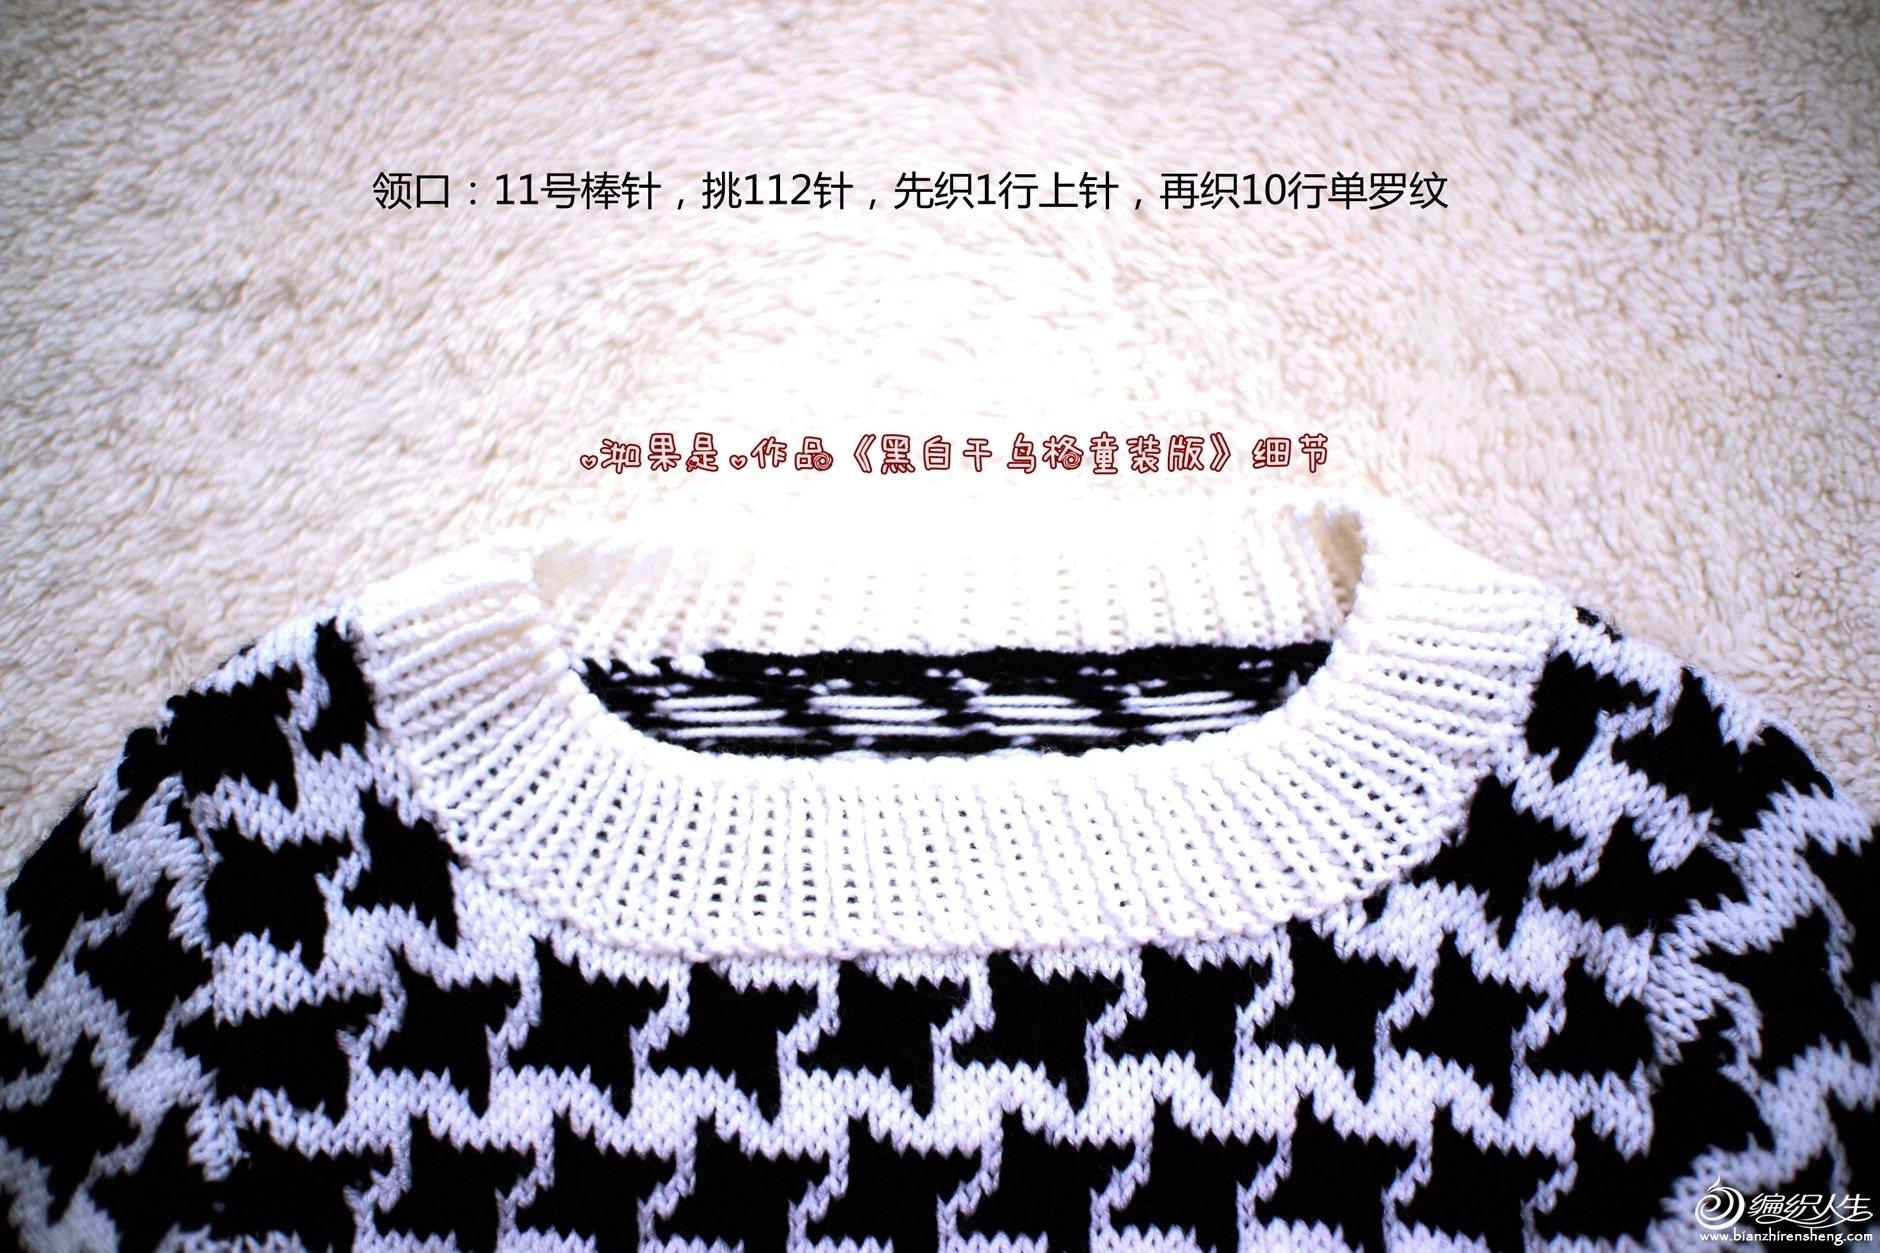 131027f3nolg522vq5jiqa.jpg